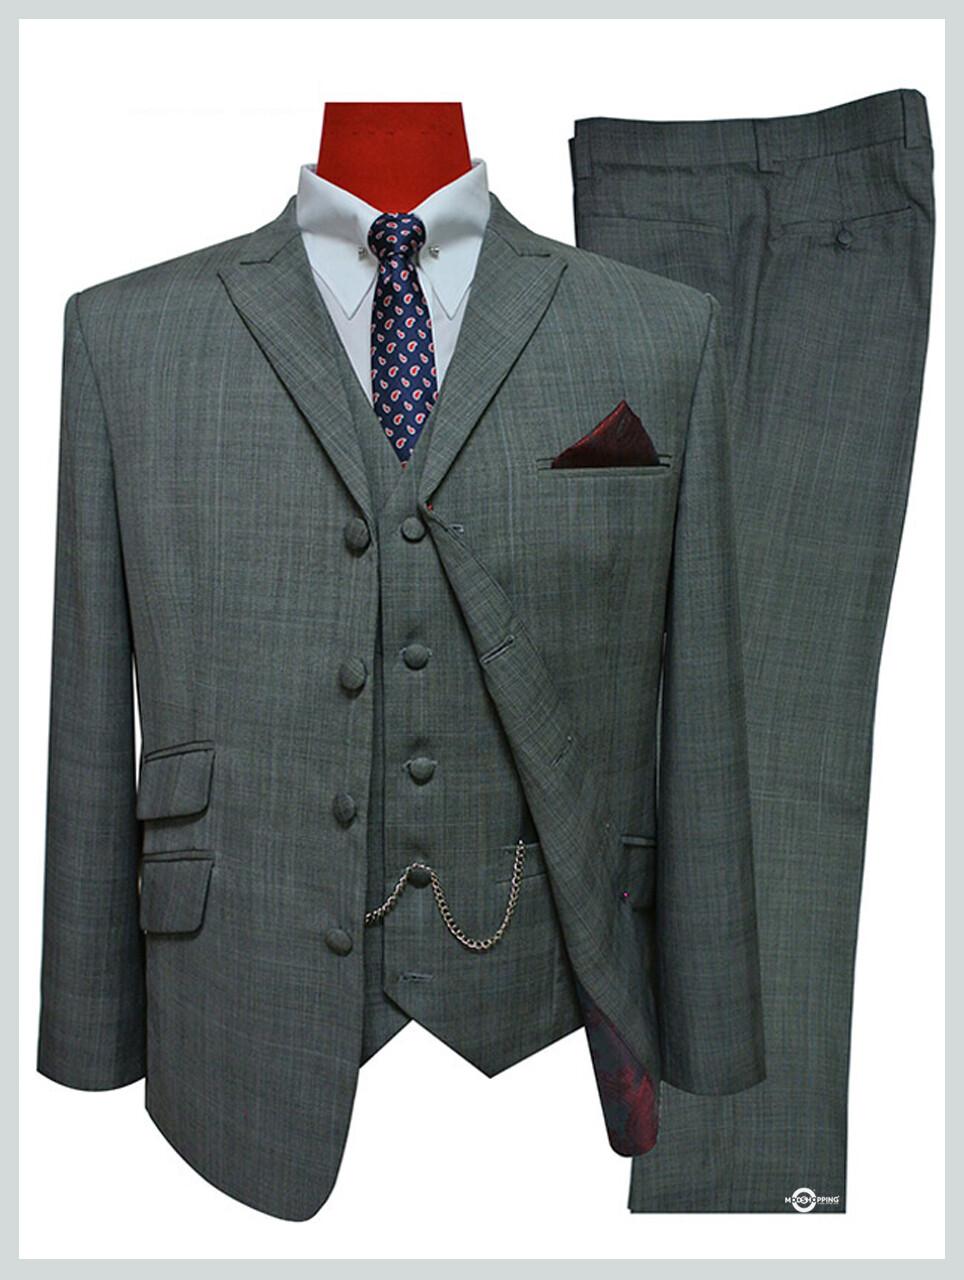 3 Piece Suit | Tailored 60s Mod Pale Grey Color Suit